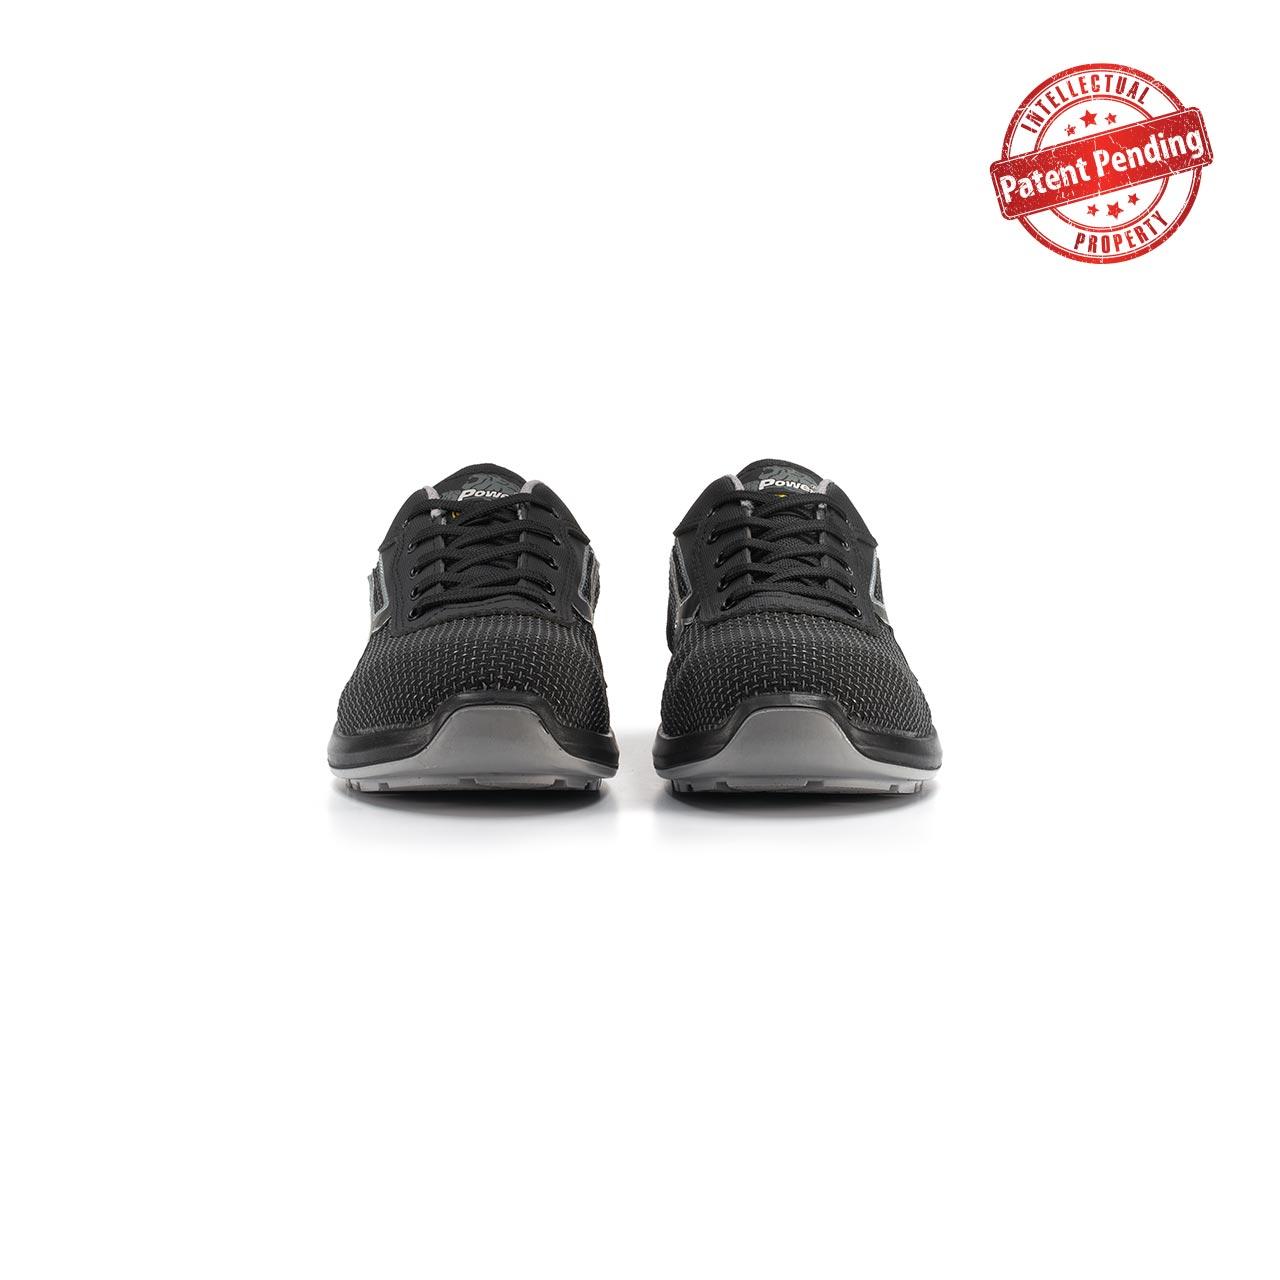 paio di scarpe antinfortunistiche upower modello scudo linea redup vista frontale